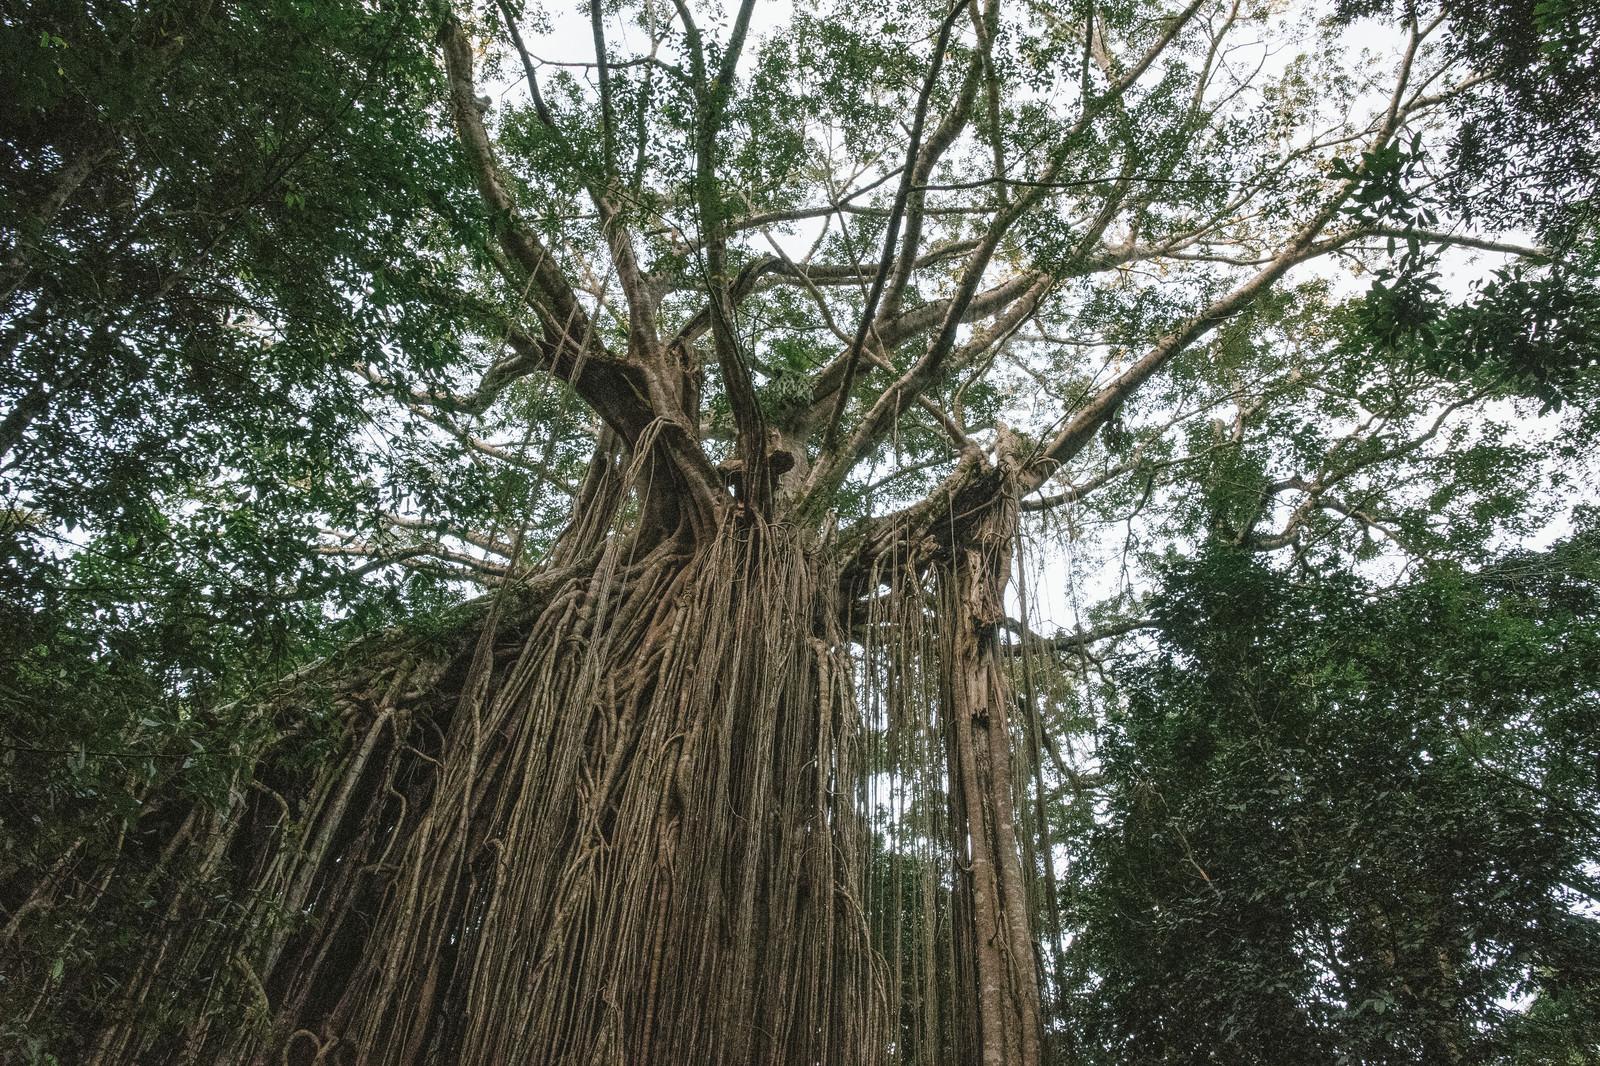 「年月を感じる樹木」の写真